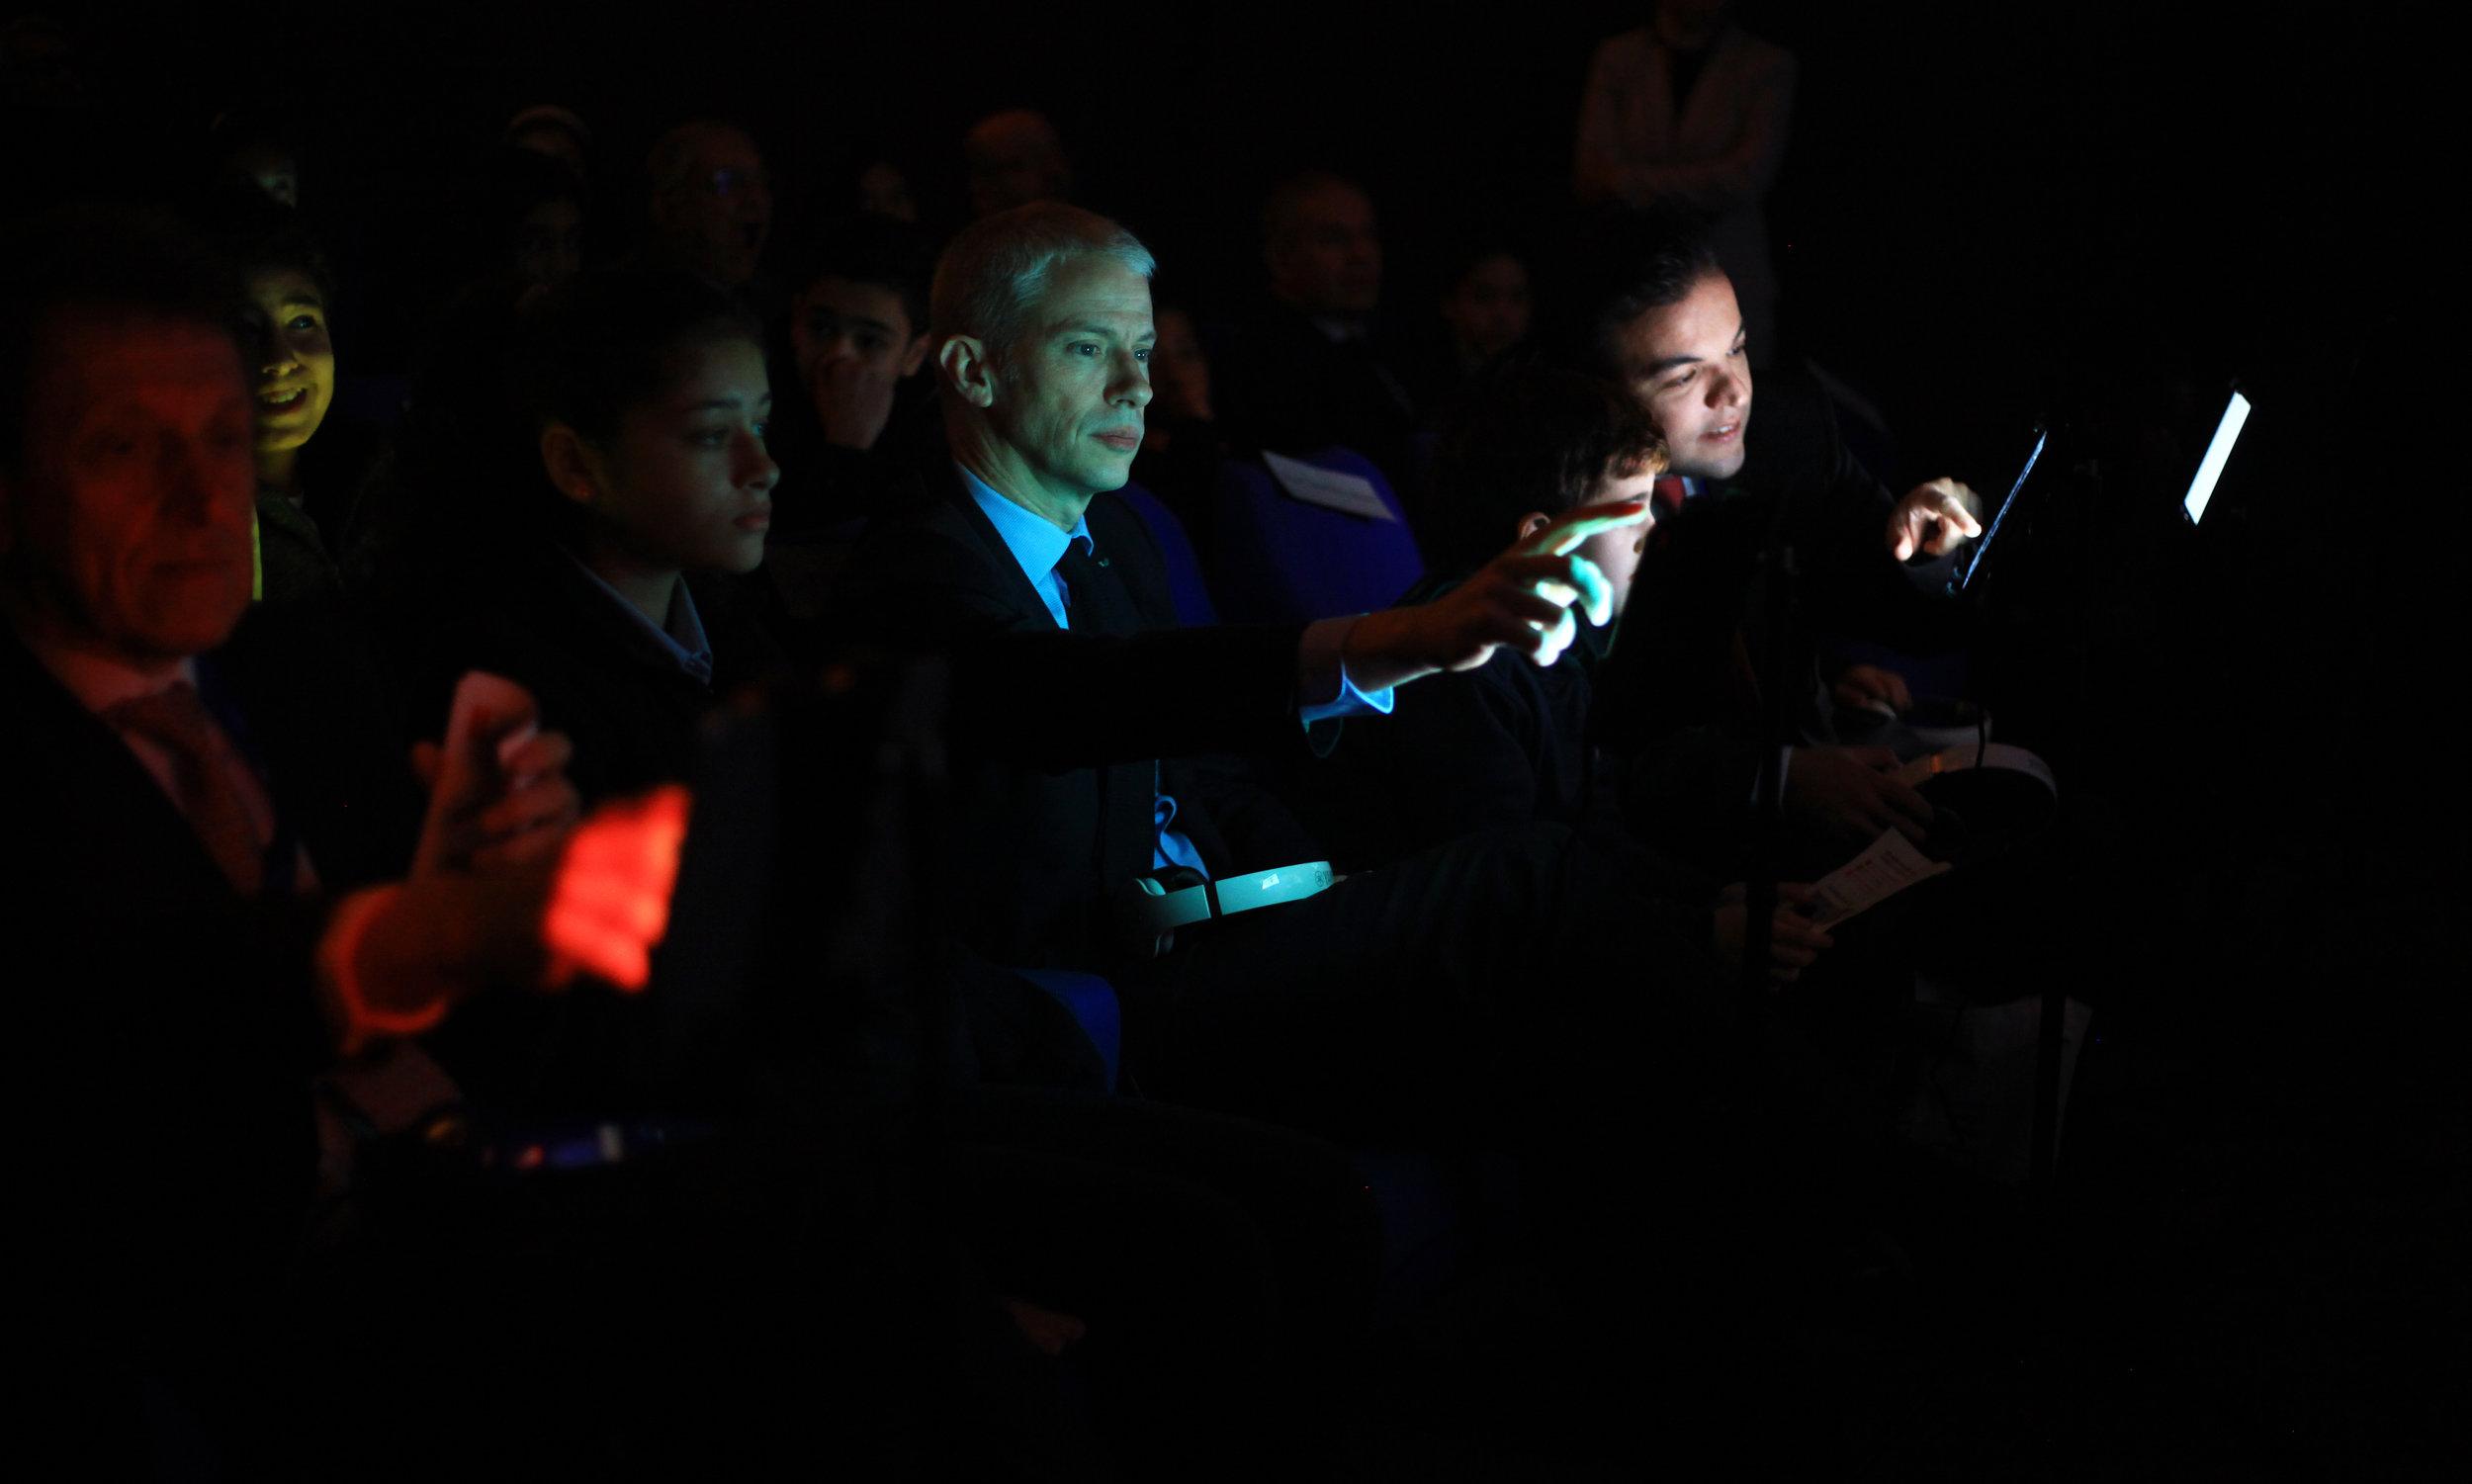 M. le Ministre de la Culture Franck Riester et M. le Conseiller de Coopération et d'Action Culturelle Mohamed Bouabdallah. Inauguration du Musée numérique. 29/01/19.